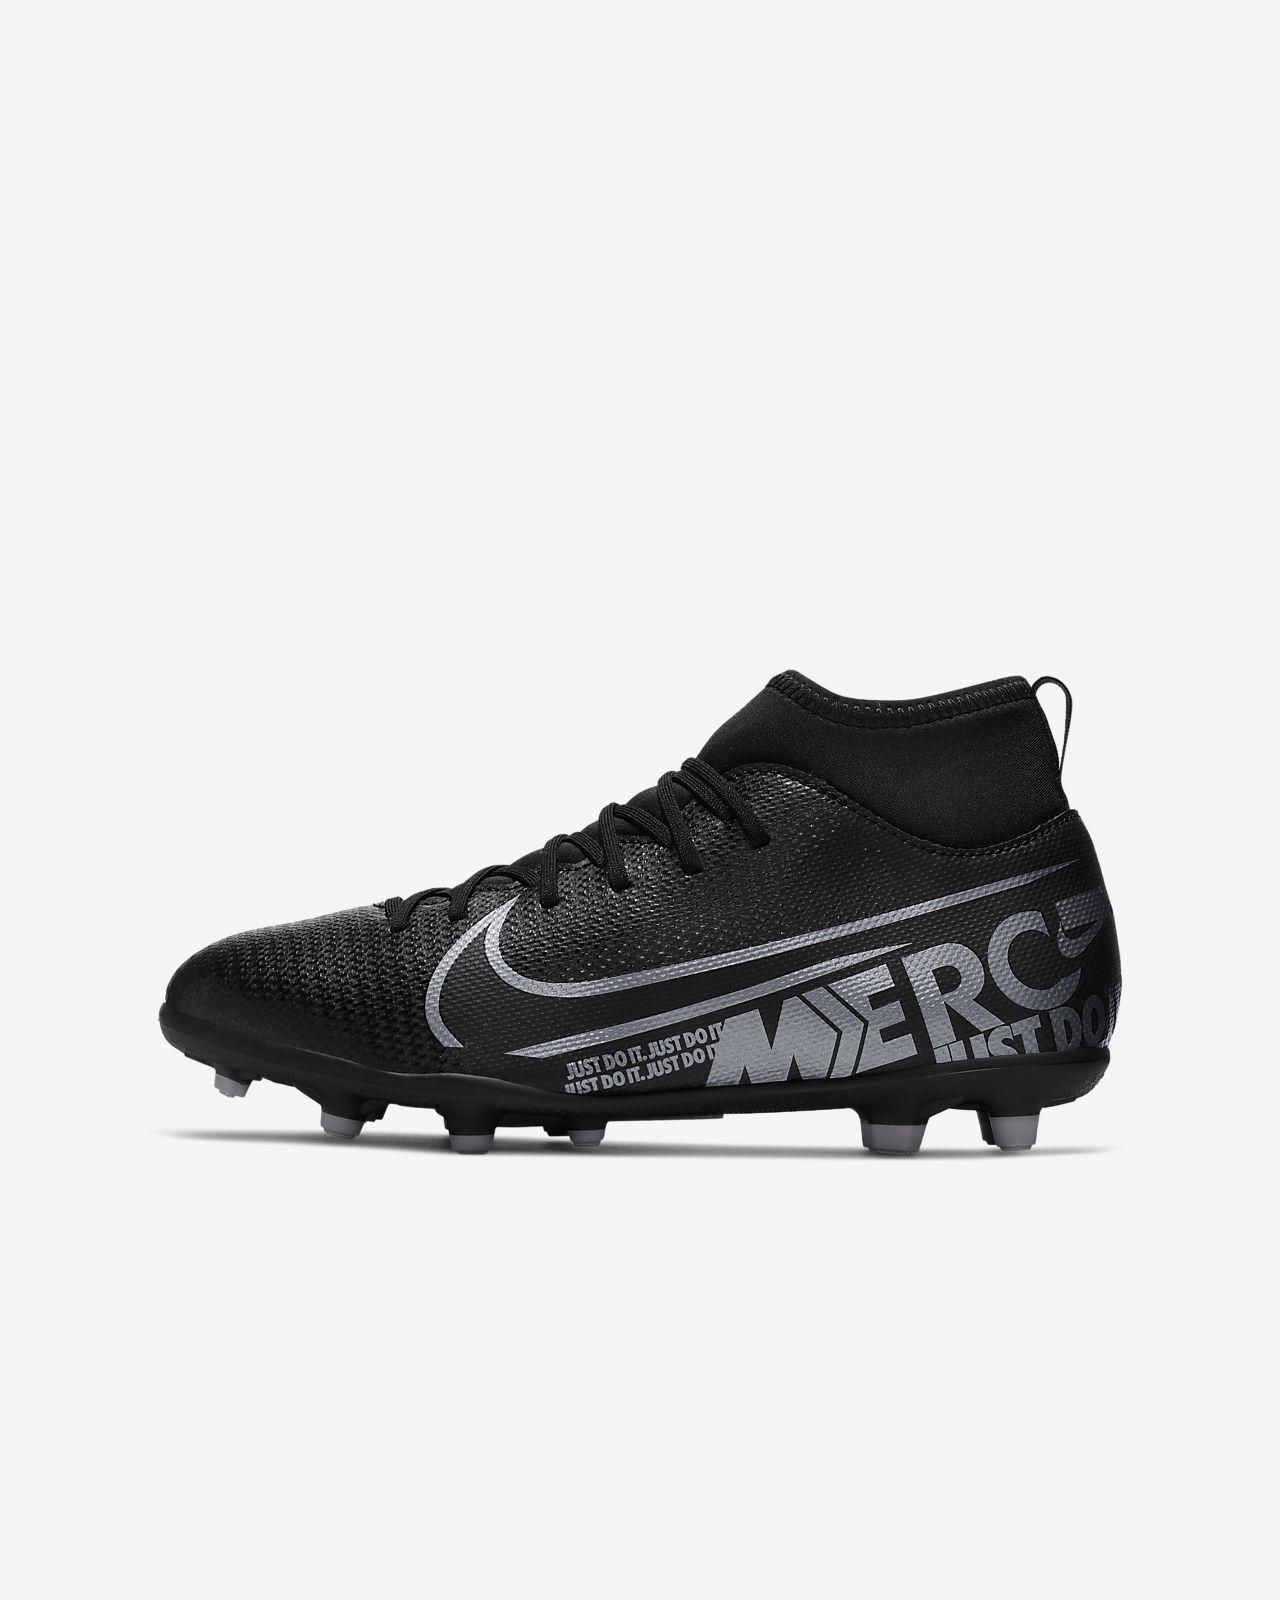 Футбольные бутсы для игры на разных покрытиях для дошкольников/школьников Nike Jr. Mercurial Superfly 7 Club MG